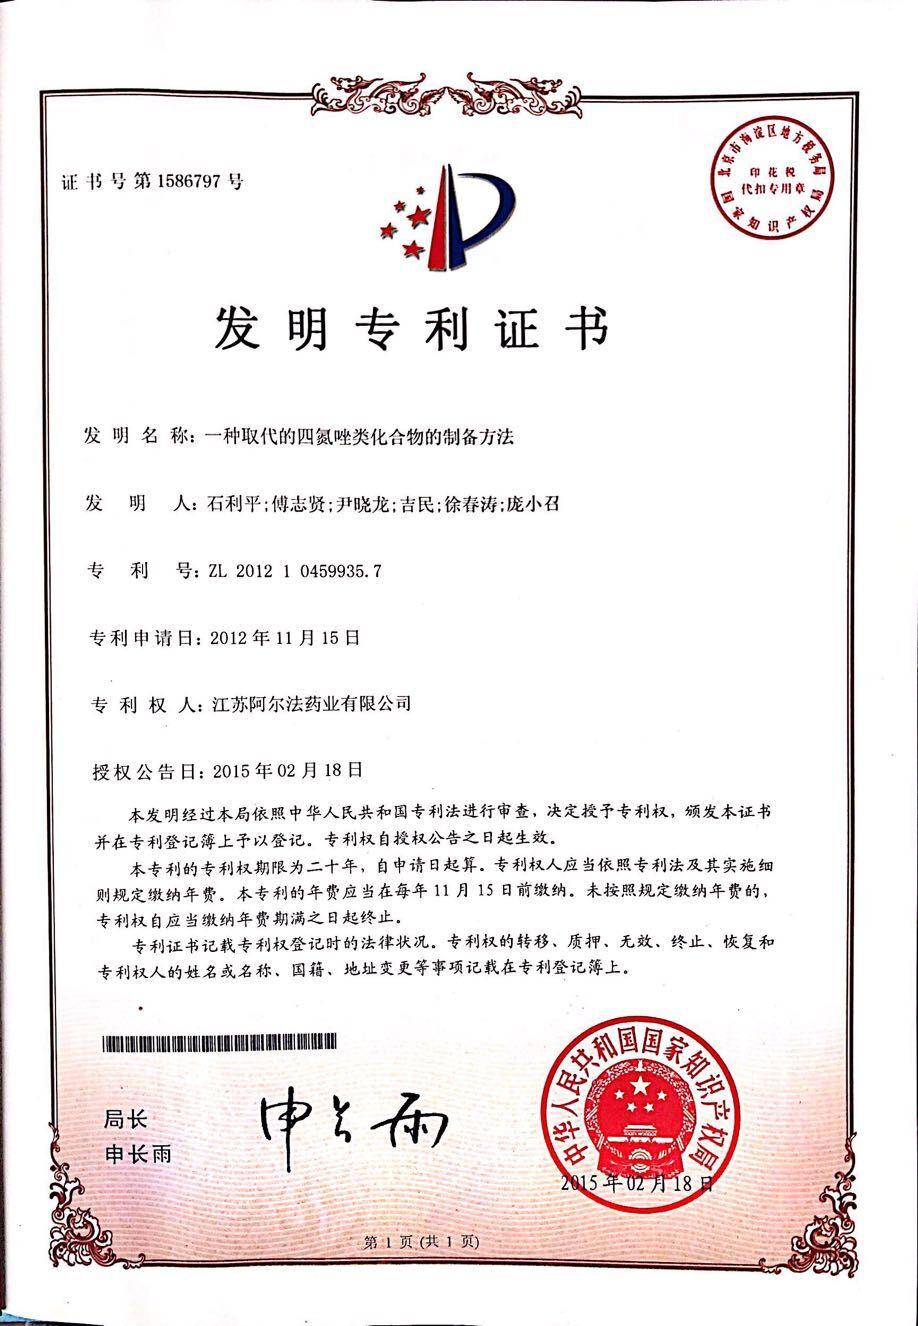 專利-9.一種取代的四氮唑類化合物的制備方法